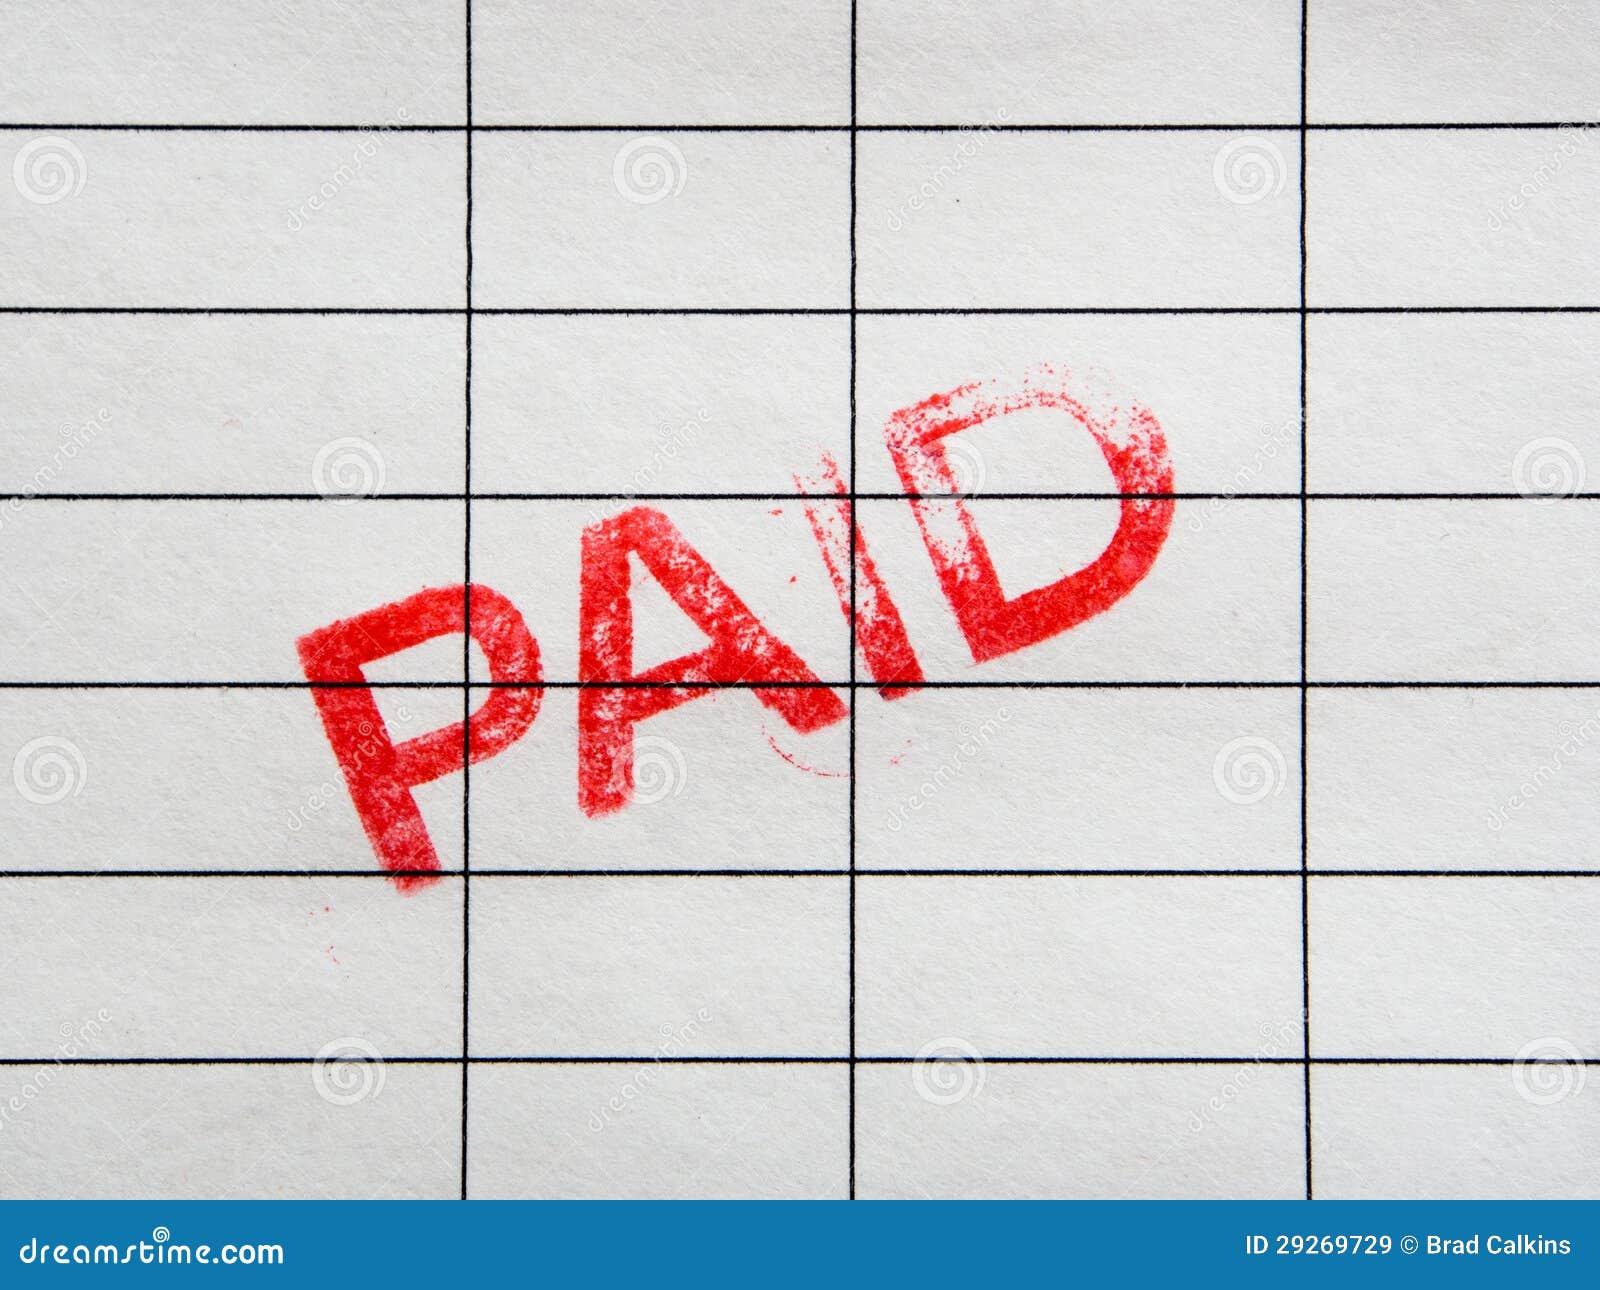 有偿的印花税